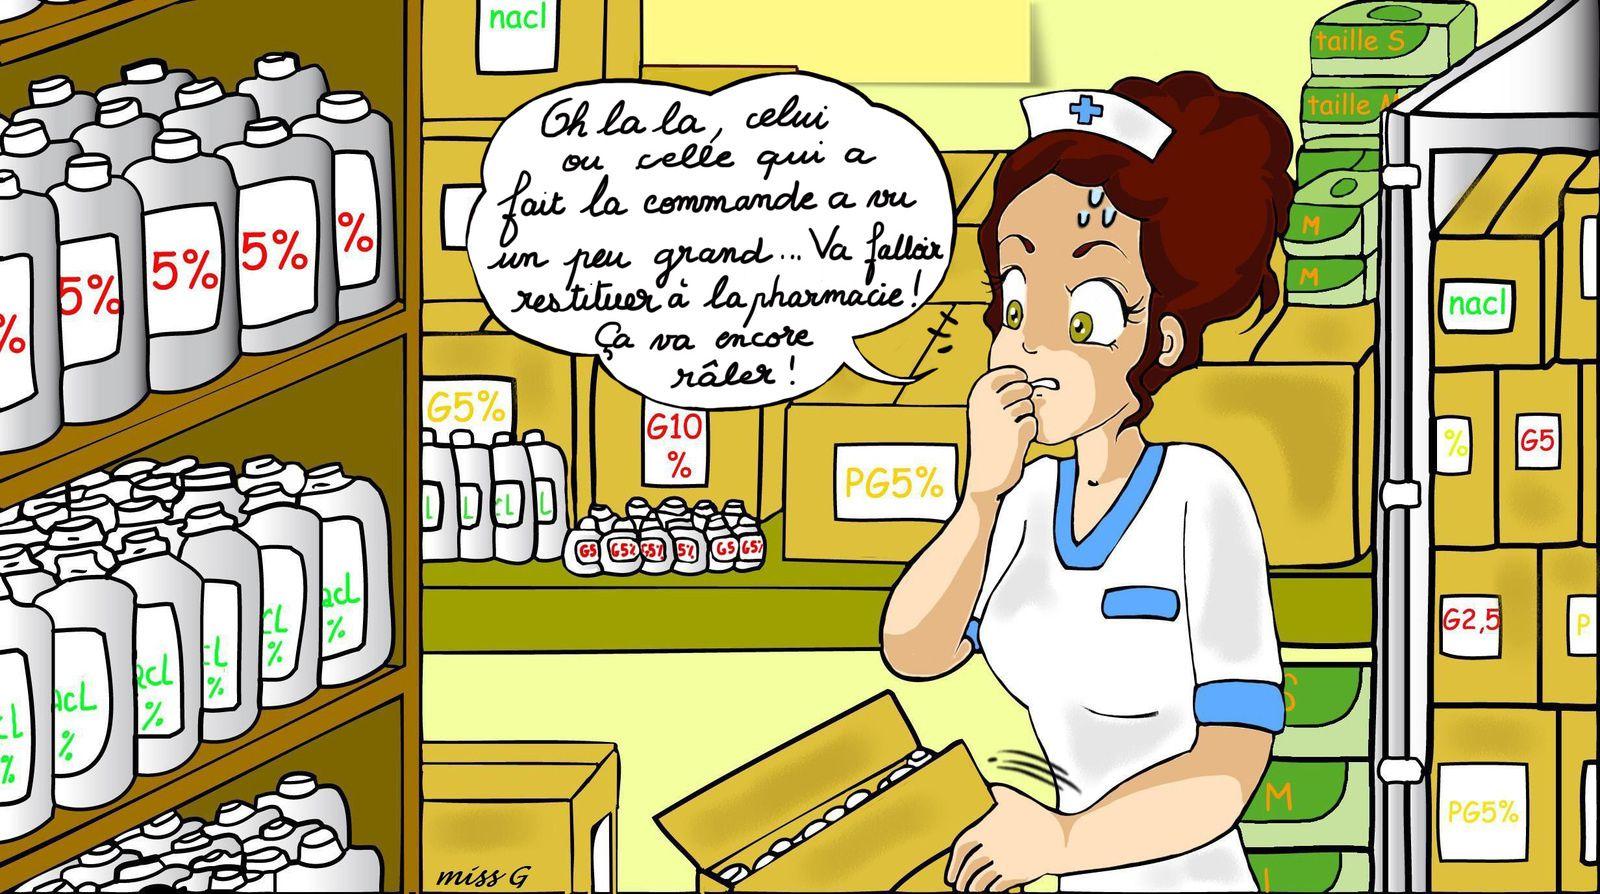 Ahhh...les commandes de pharmacie...